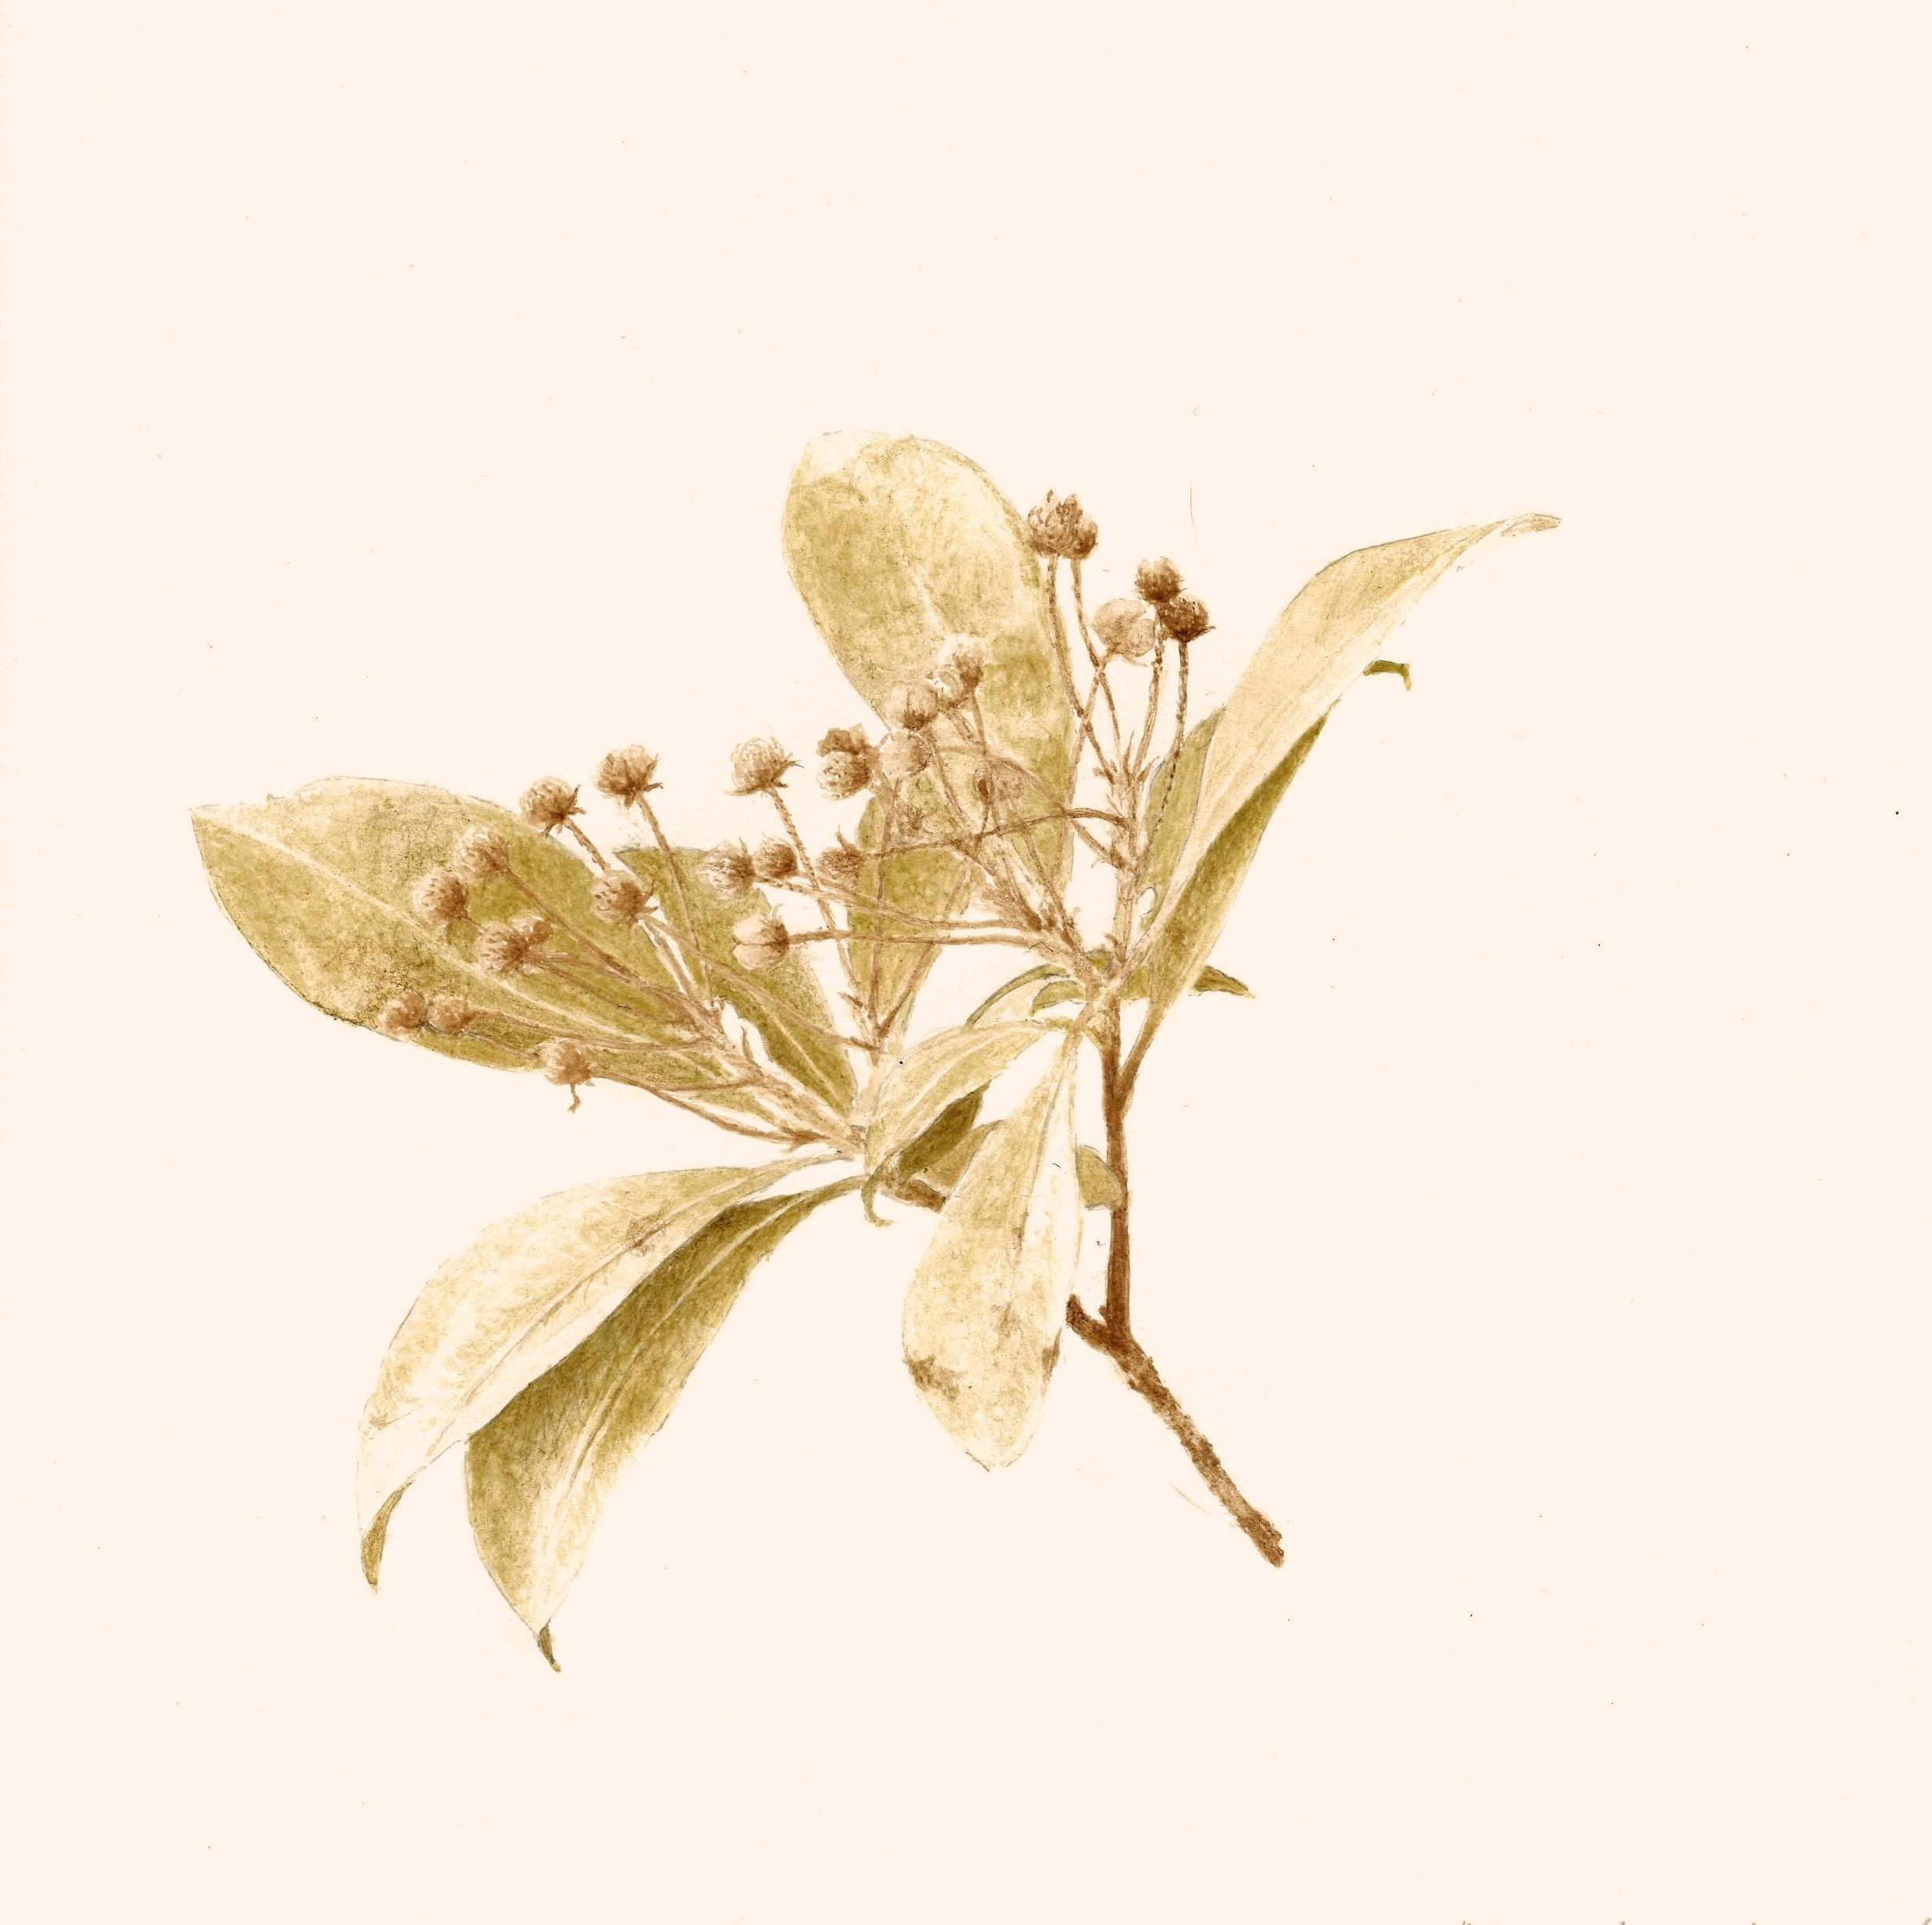 KAZUMI 3 crop.jpg